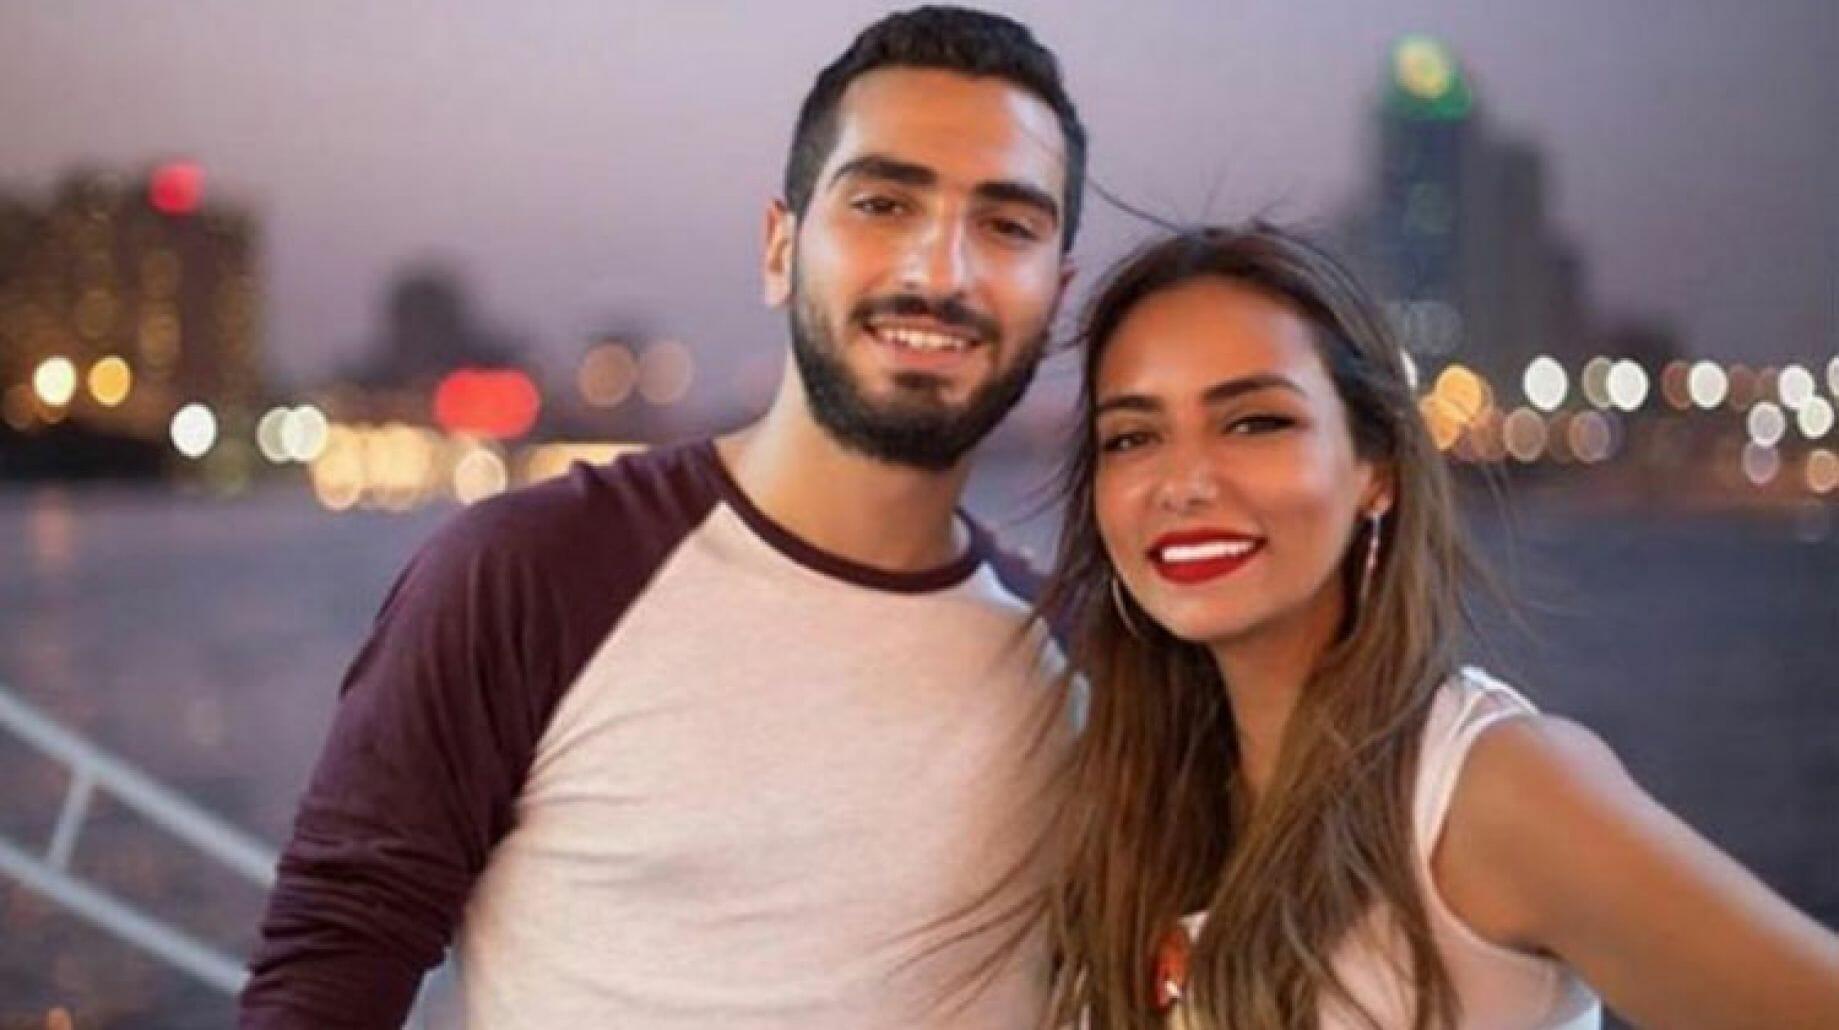 محمد الشرنوبي يضع سارة الطباخ في ورطة وهذا ما قررته النيابة ضدها